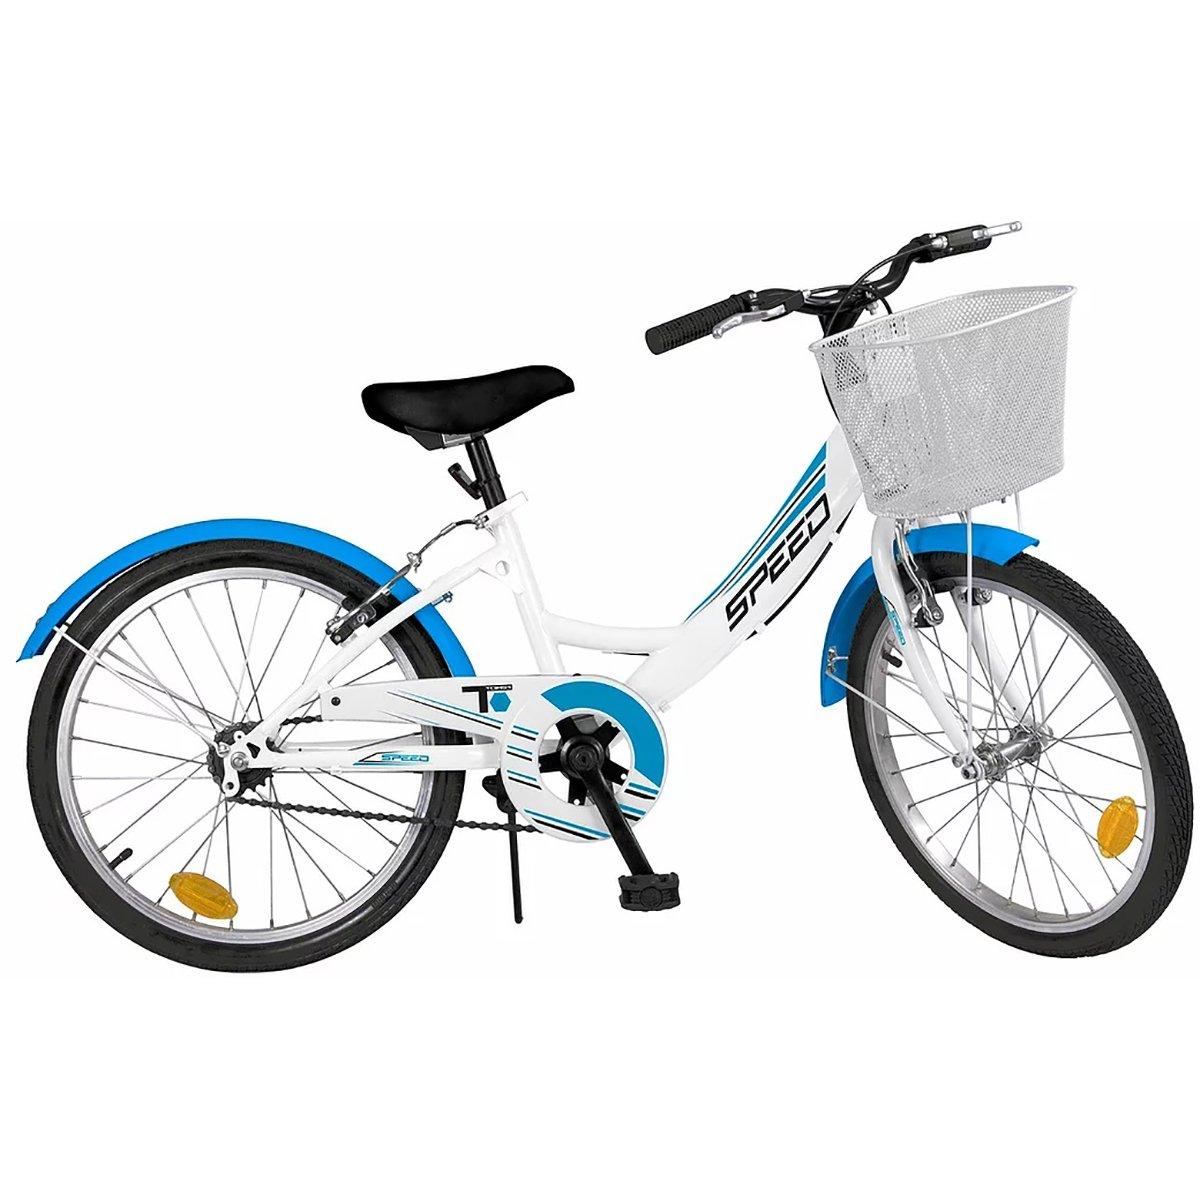 Bicicleta Toimsa, 20 inch, City Blue, 1V